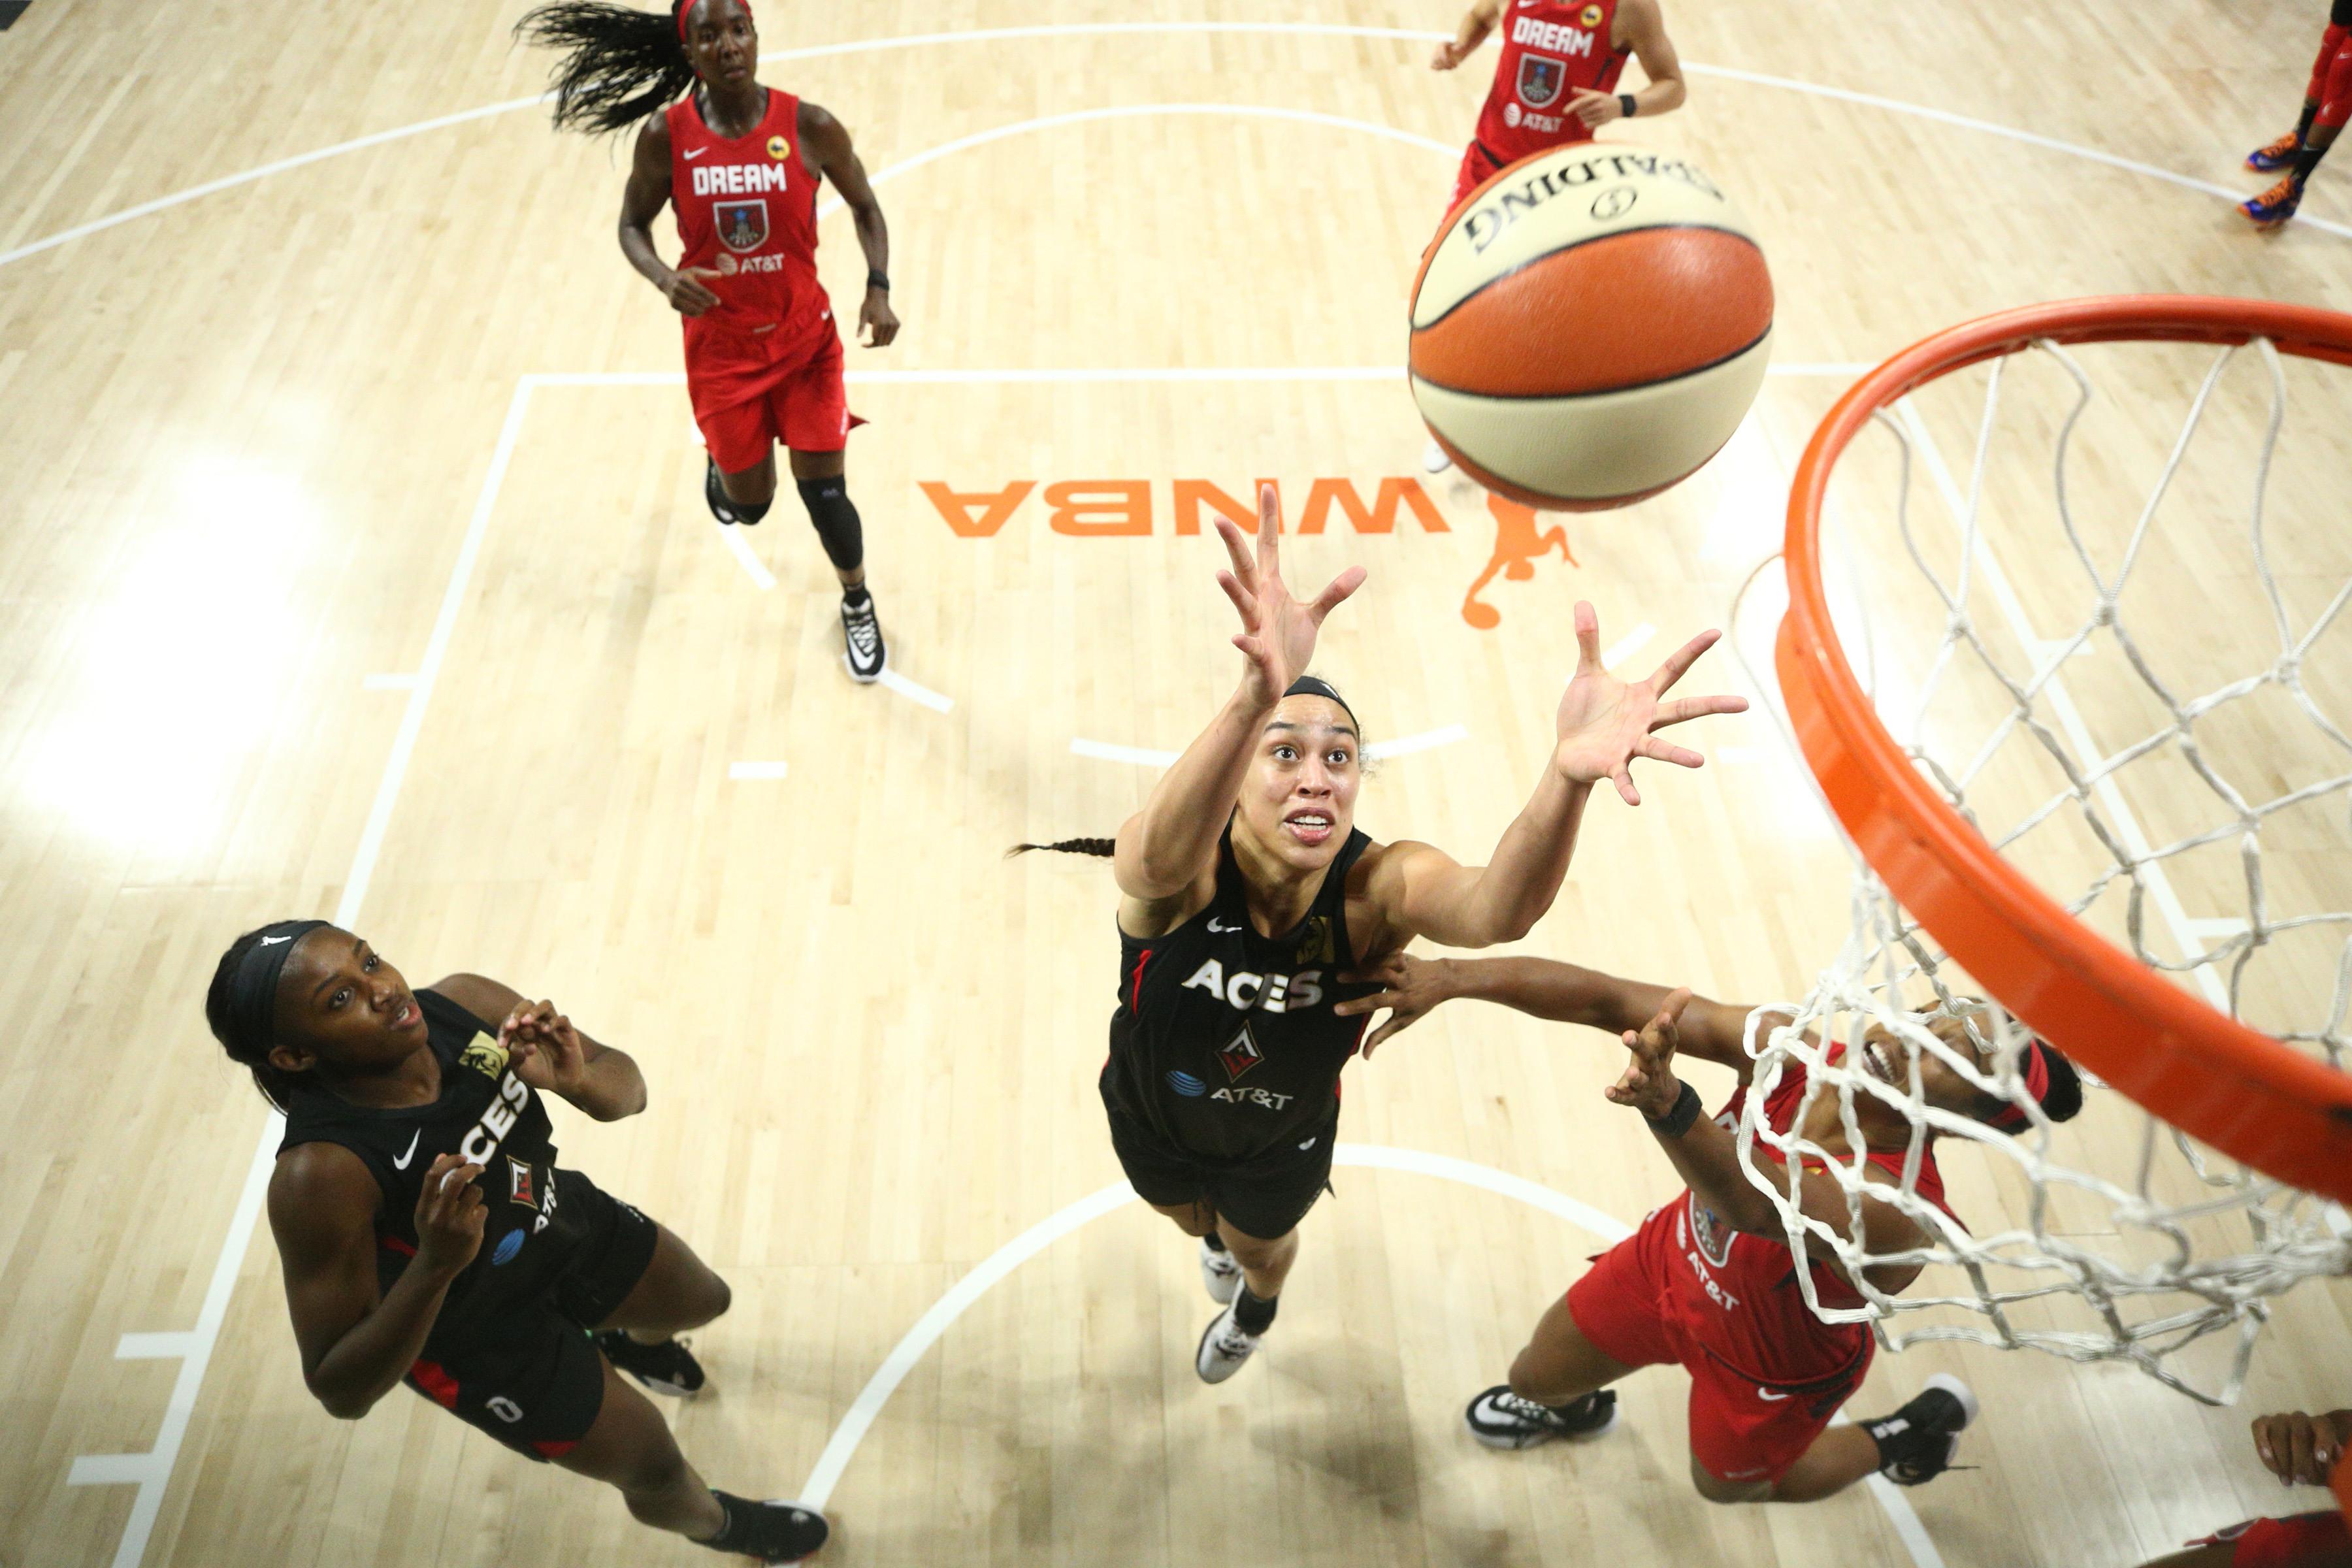 2020年7月29日,在佛罗里达州棕榈城的菲尔德娱乐中心,拉斯维加斯王牌队的迪丽卡·汉比在与亚特兰大之梦队的比赛中抢到了篮板。